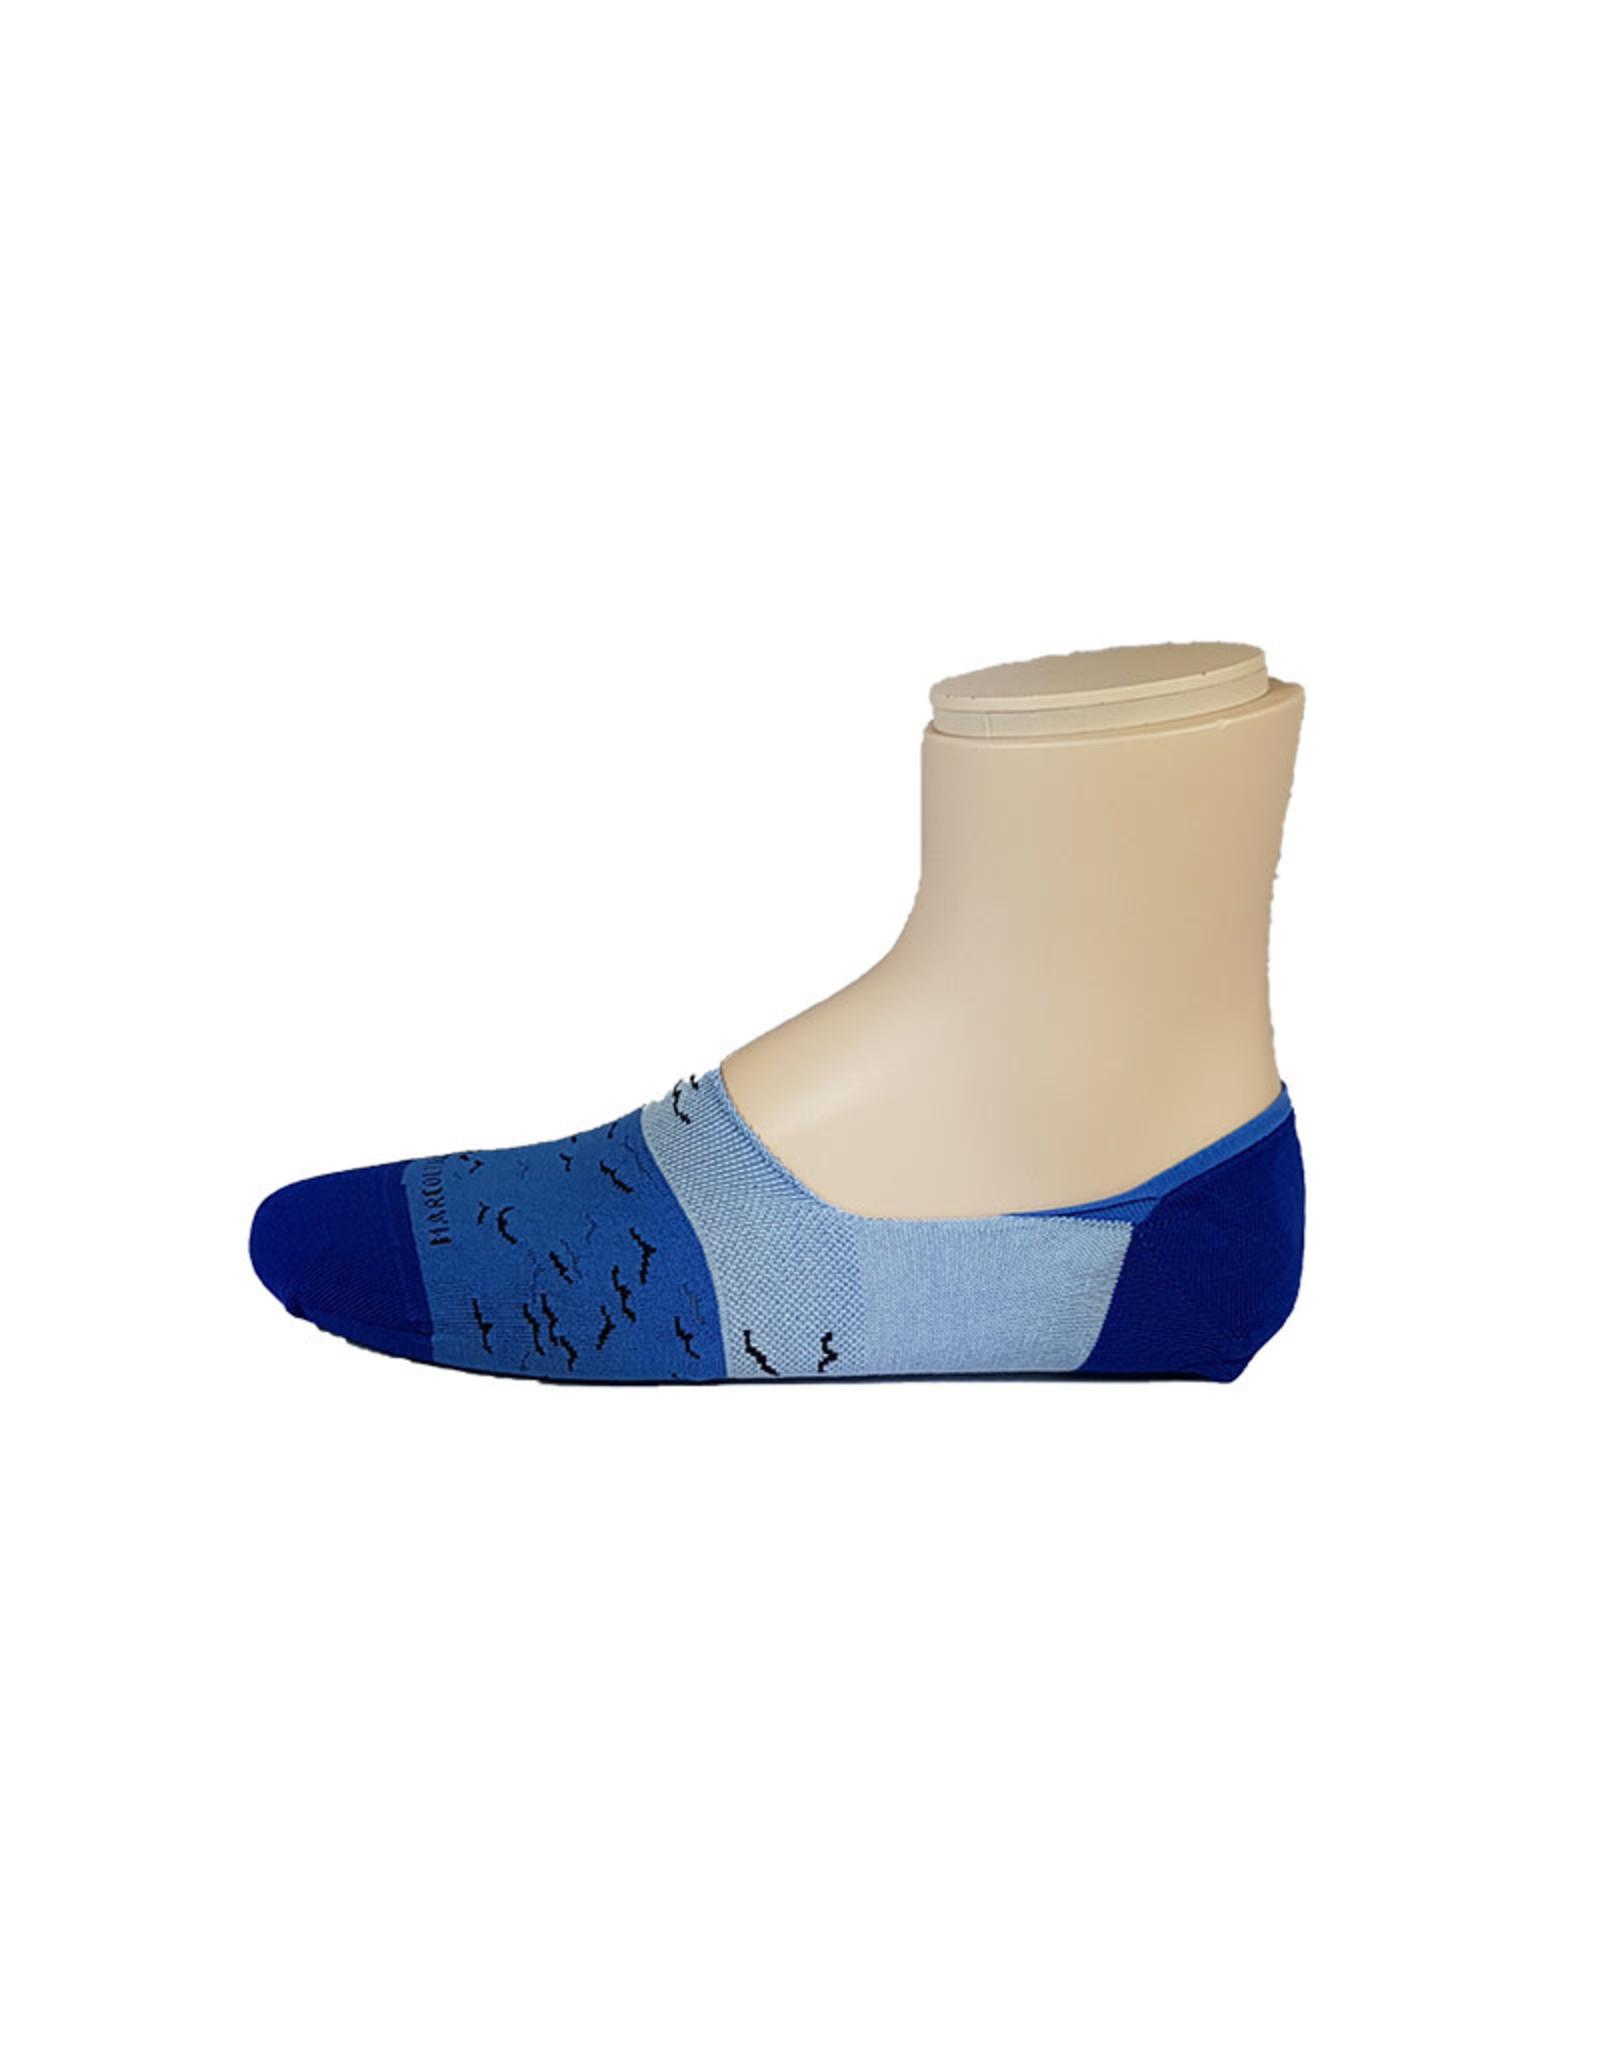 Marcoliani Marcoliani sokken blauw vogels Invisible 4371S